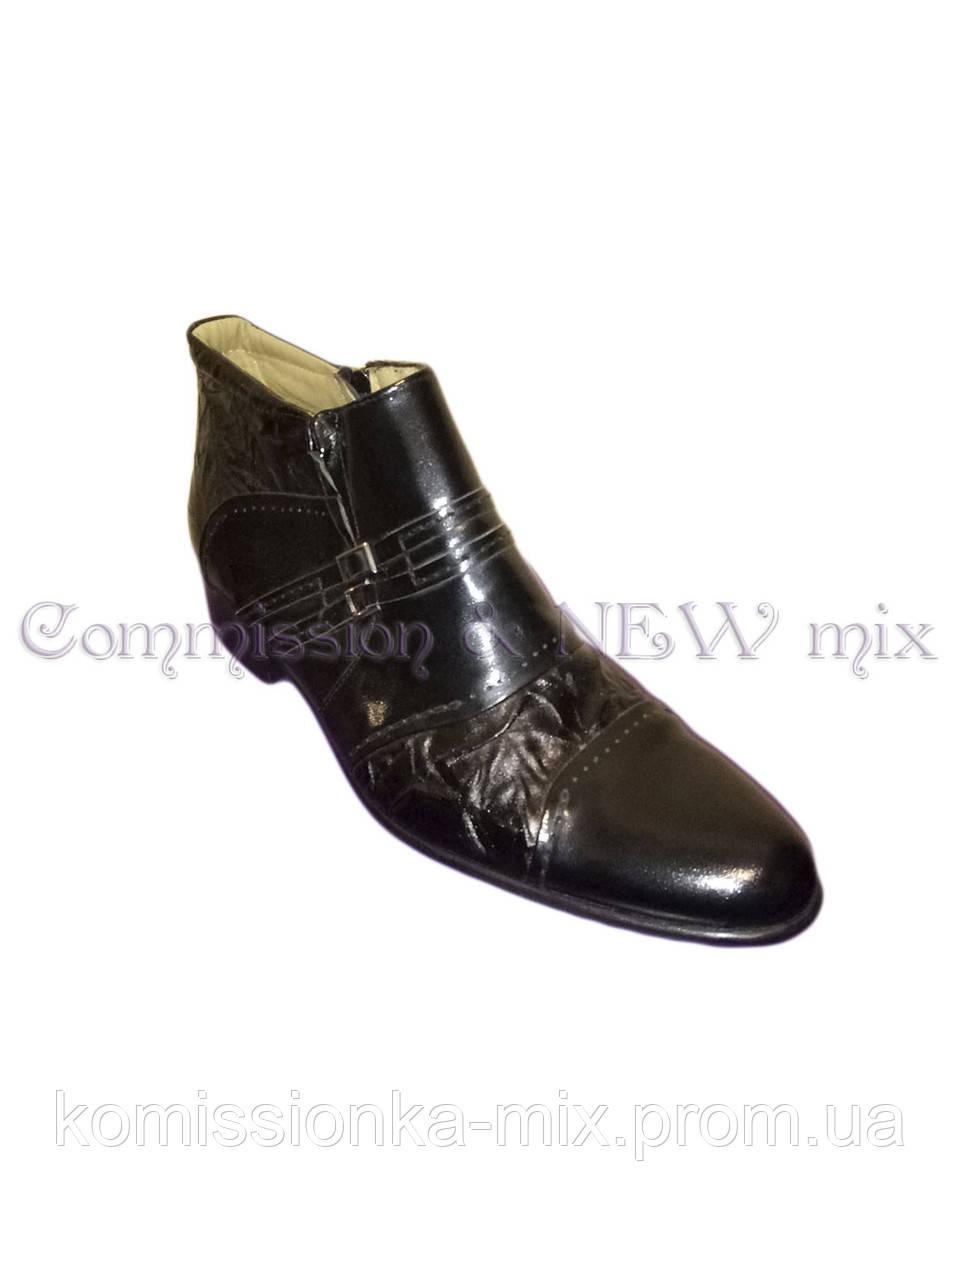 Ботинки мужские демисезонные ETOR новые